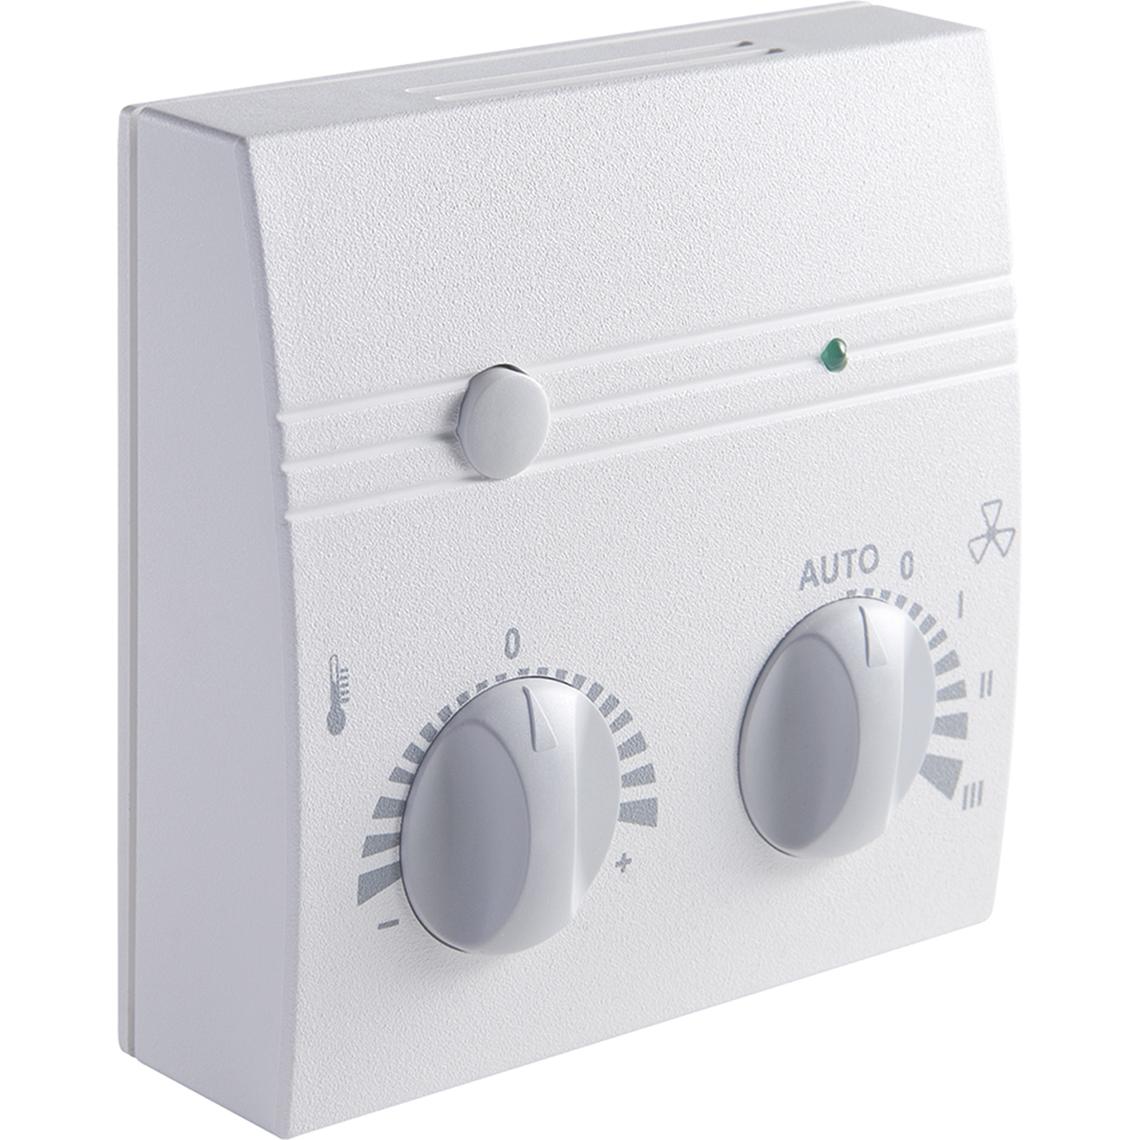 WRF04 PSTD AO2V BACnet, FS5, LED grün Produktbild